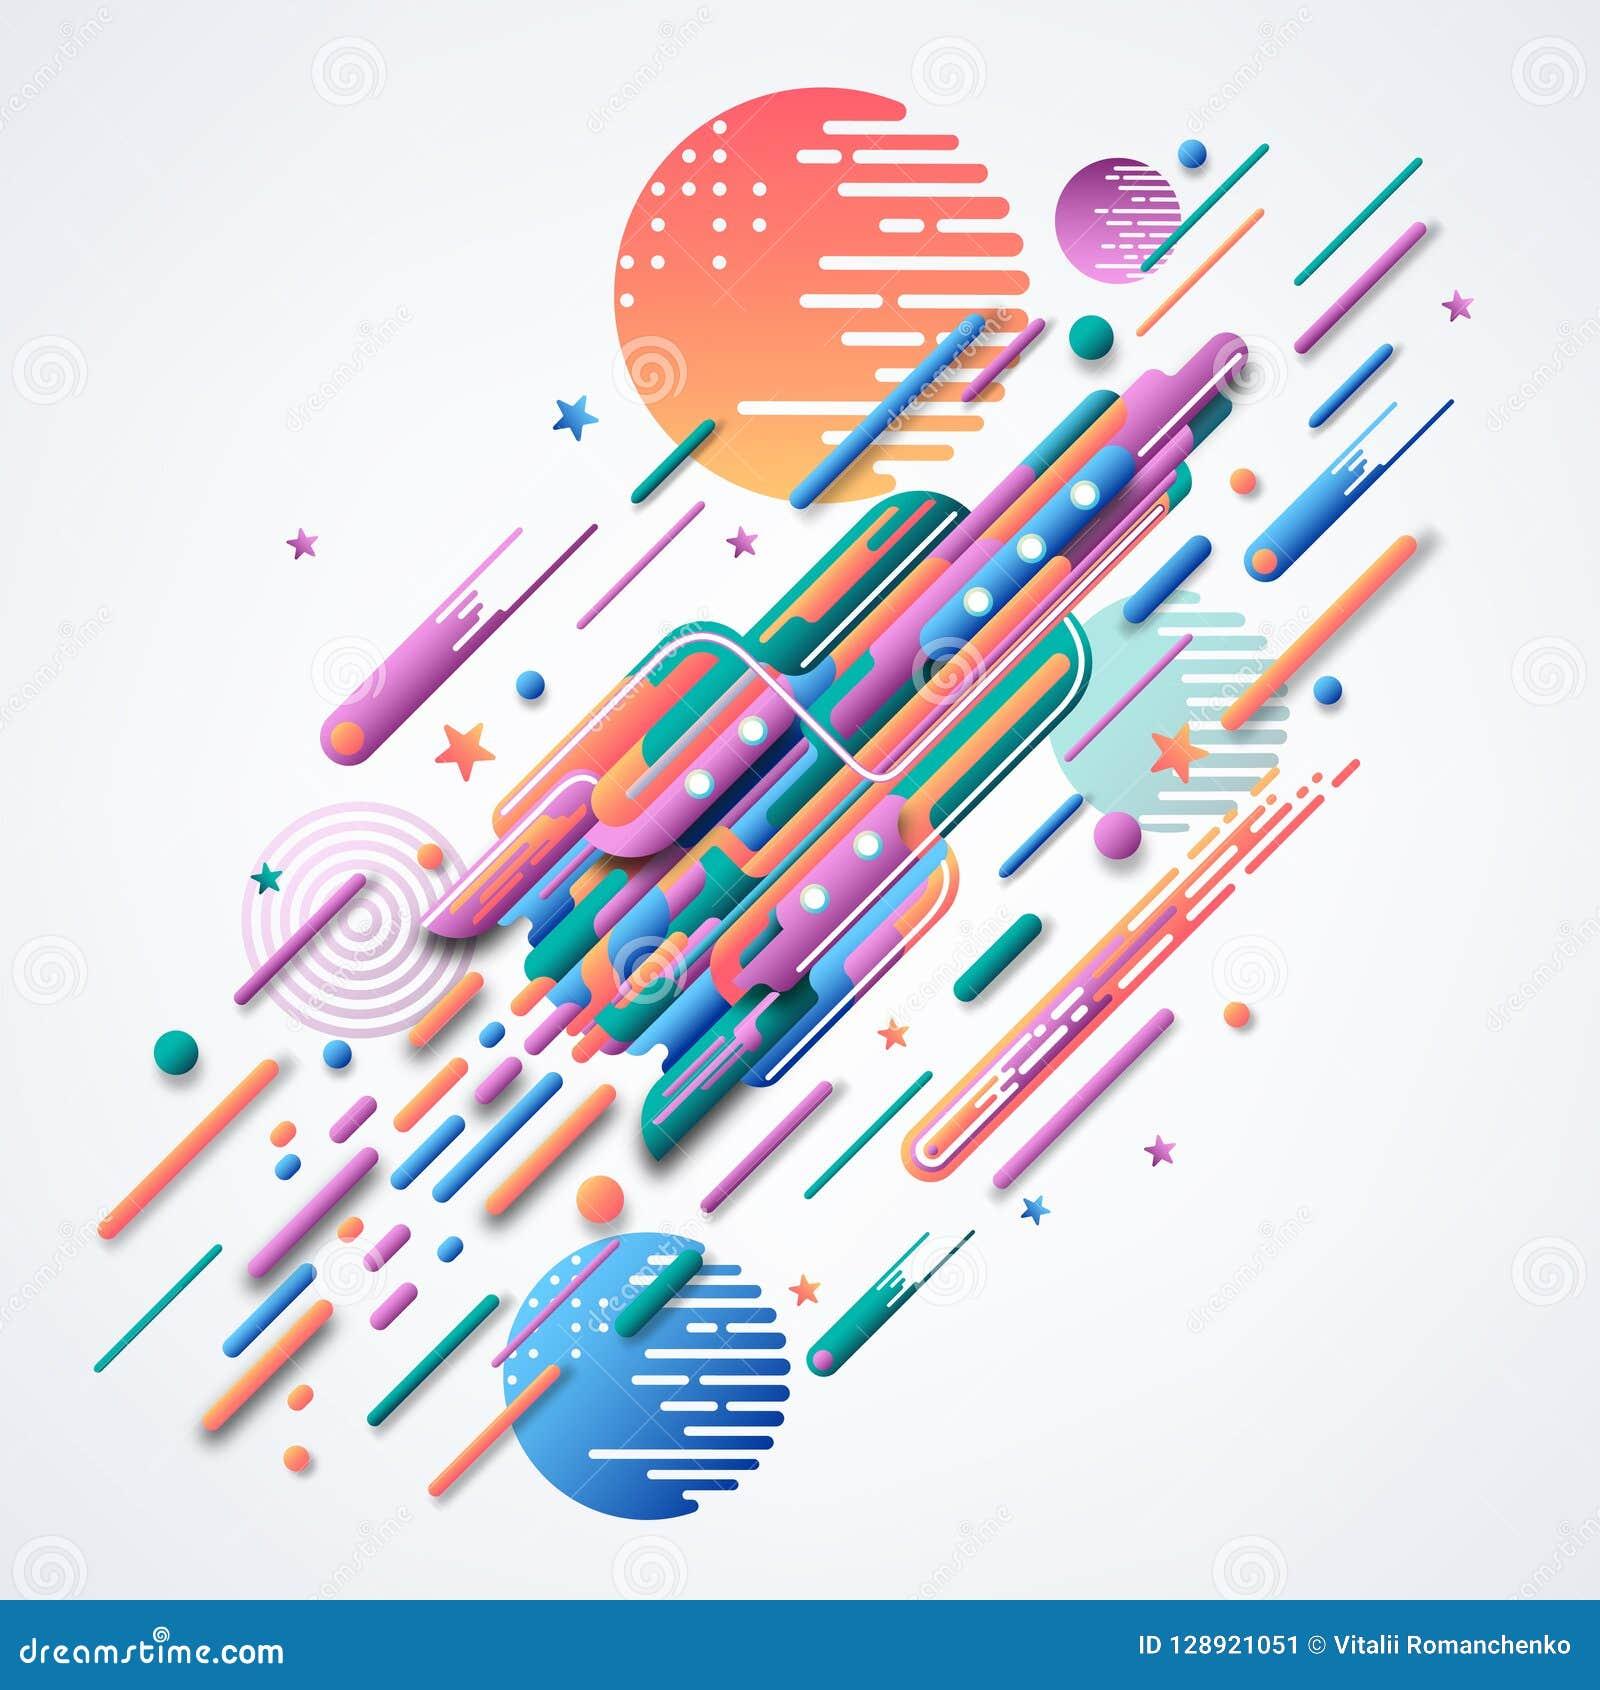 Rocket Imagen futurista del vector Imagen abstracta 3D de un cohete Formas geométricas curvadas brillantes